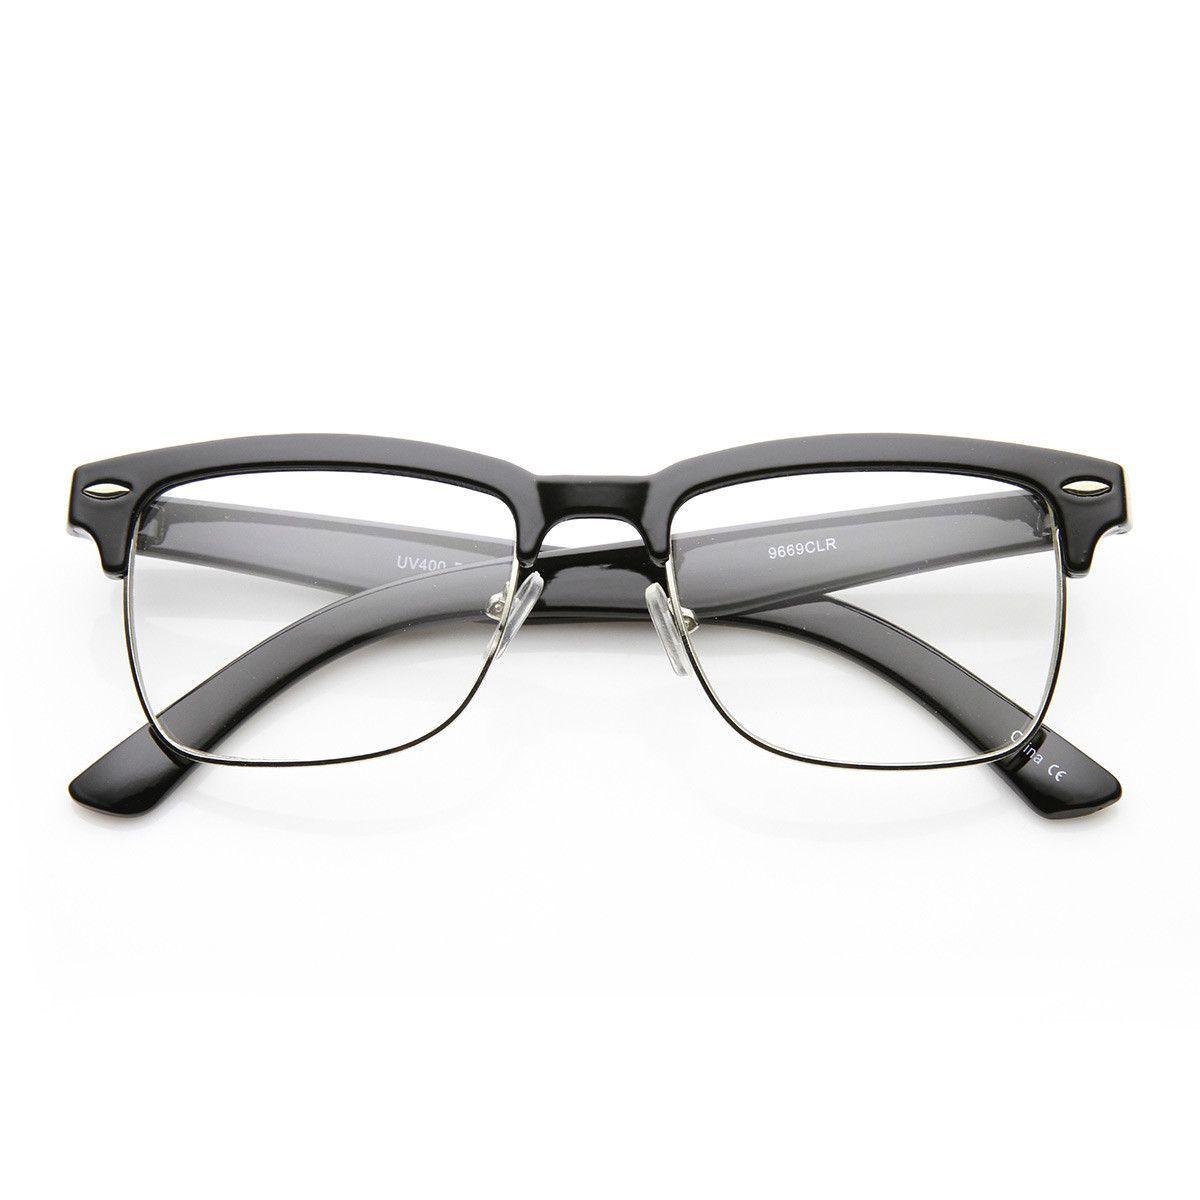 74475dd3b33da Unisex Square Medium Semi-Rimless Modern Fashion Glasses Roupas, Armações  De Óculos Masculinas,